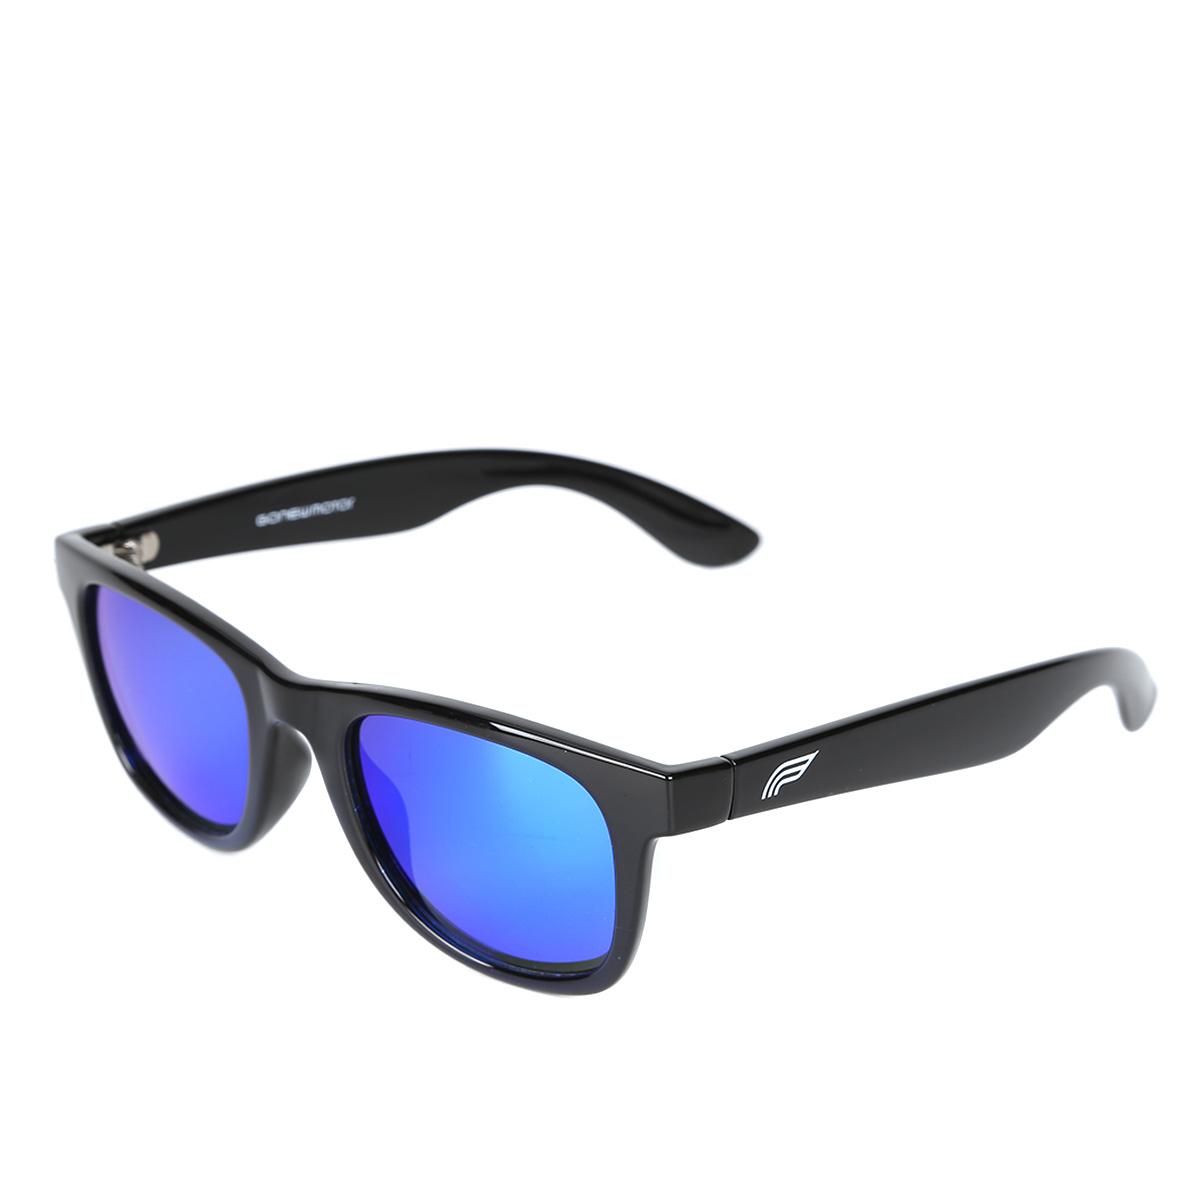 oculos gonew - Óculos Gonew Motor Runaway - R$59,90